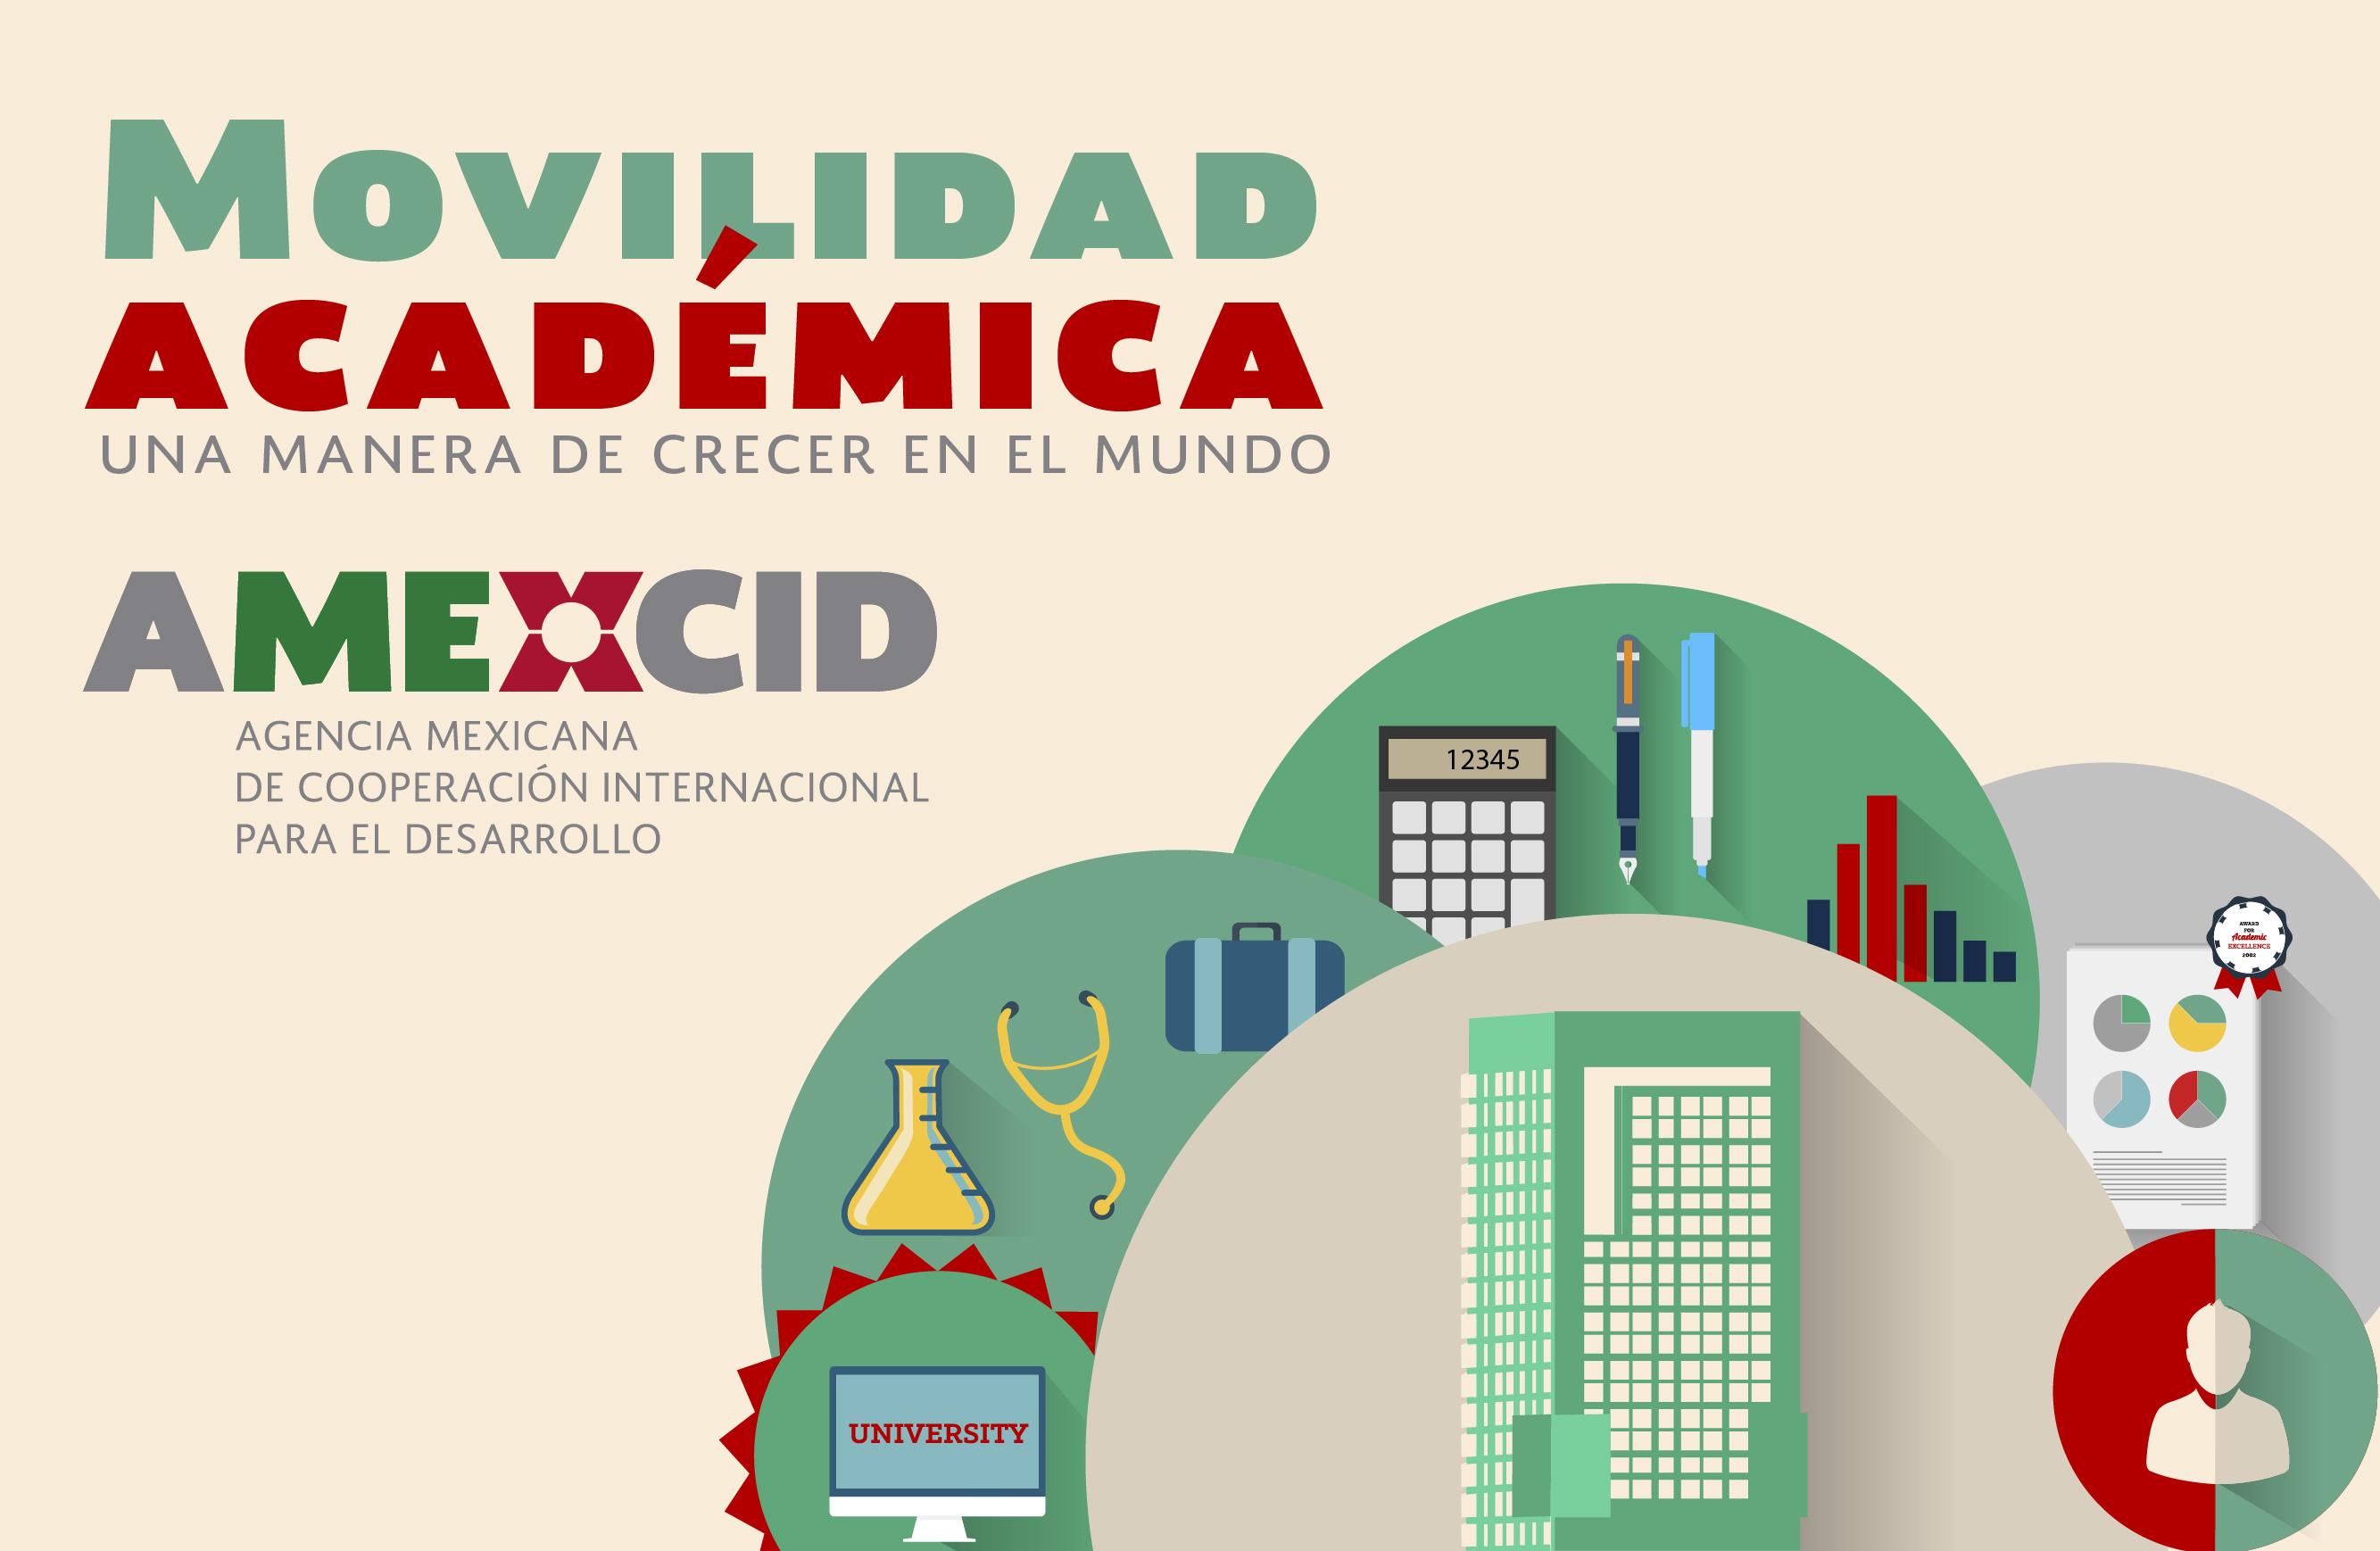 Movilidad Acad Mica Una Manera De Crecer En El Mundo Secretar A De Relaciones Exteriores